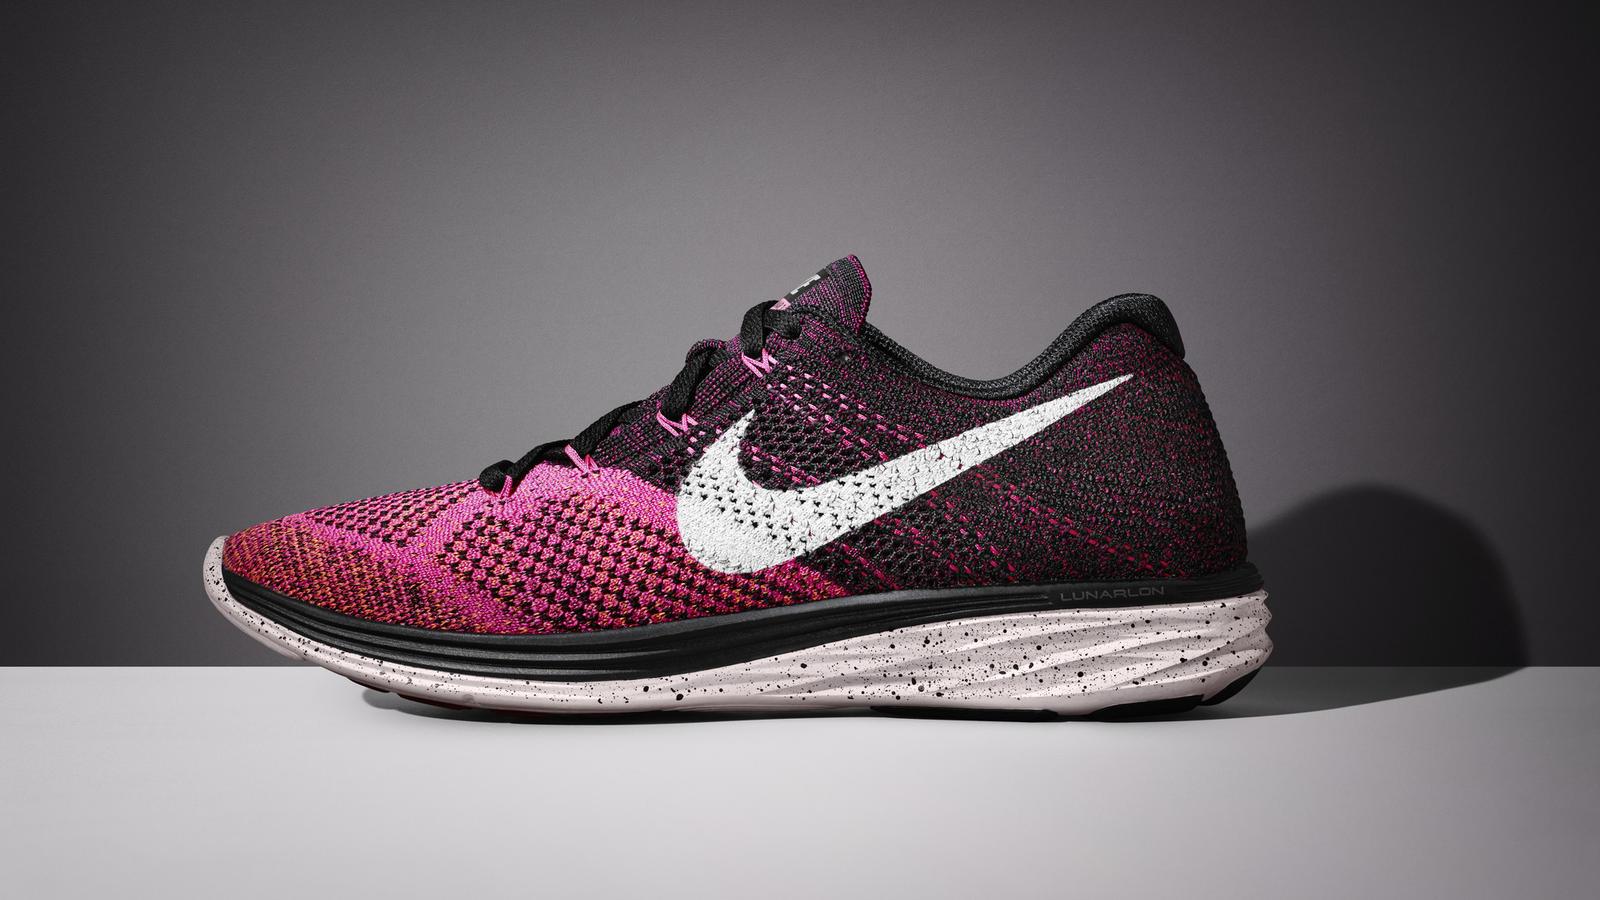 vente excellente Nike Lunaire Mouche 3 Hommes Déménageurs grande vente frais achats UAaGtd